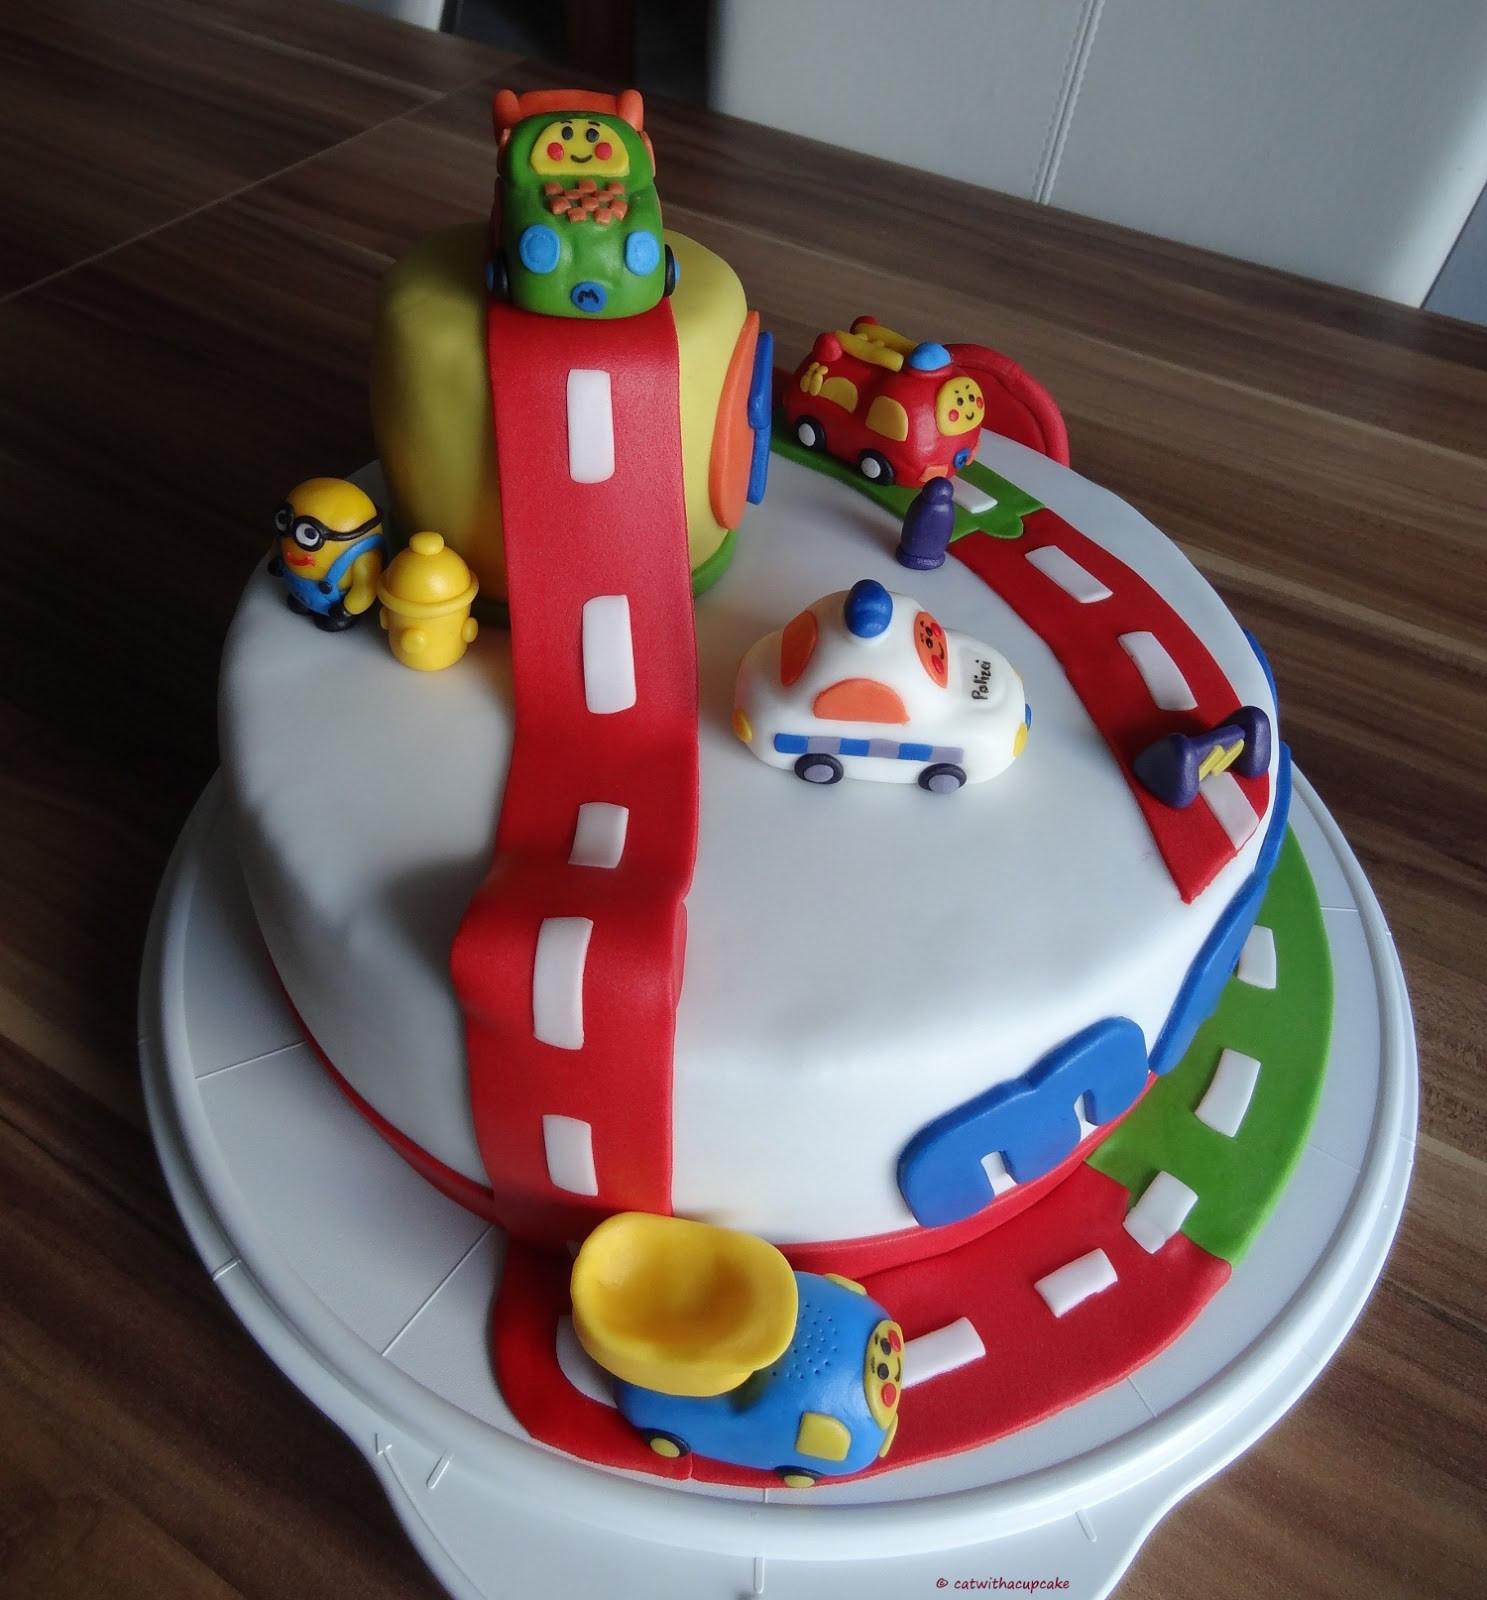 Geburtstagstorte 1 Geburtstag  Torte Zum Ersten Geburtstag Bestellen Geburtstagstorte